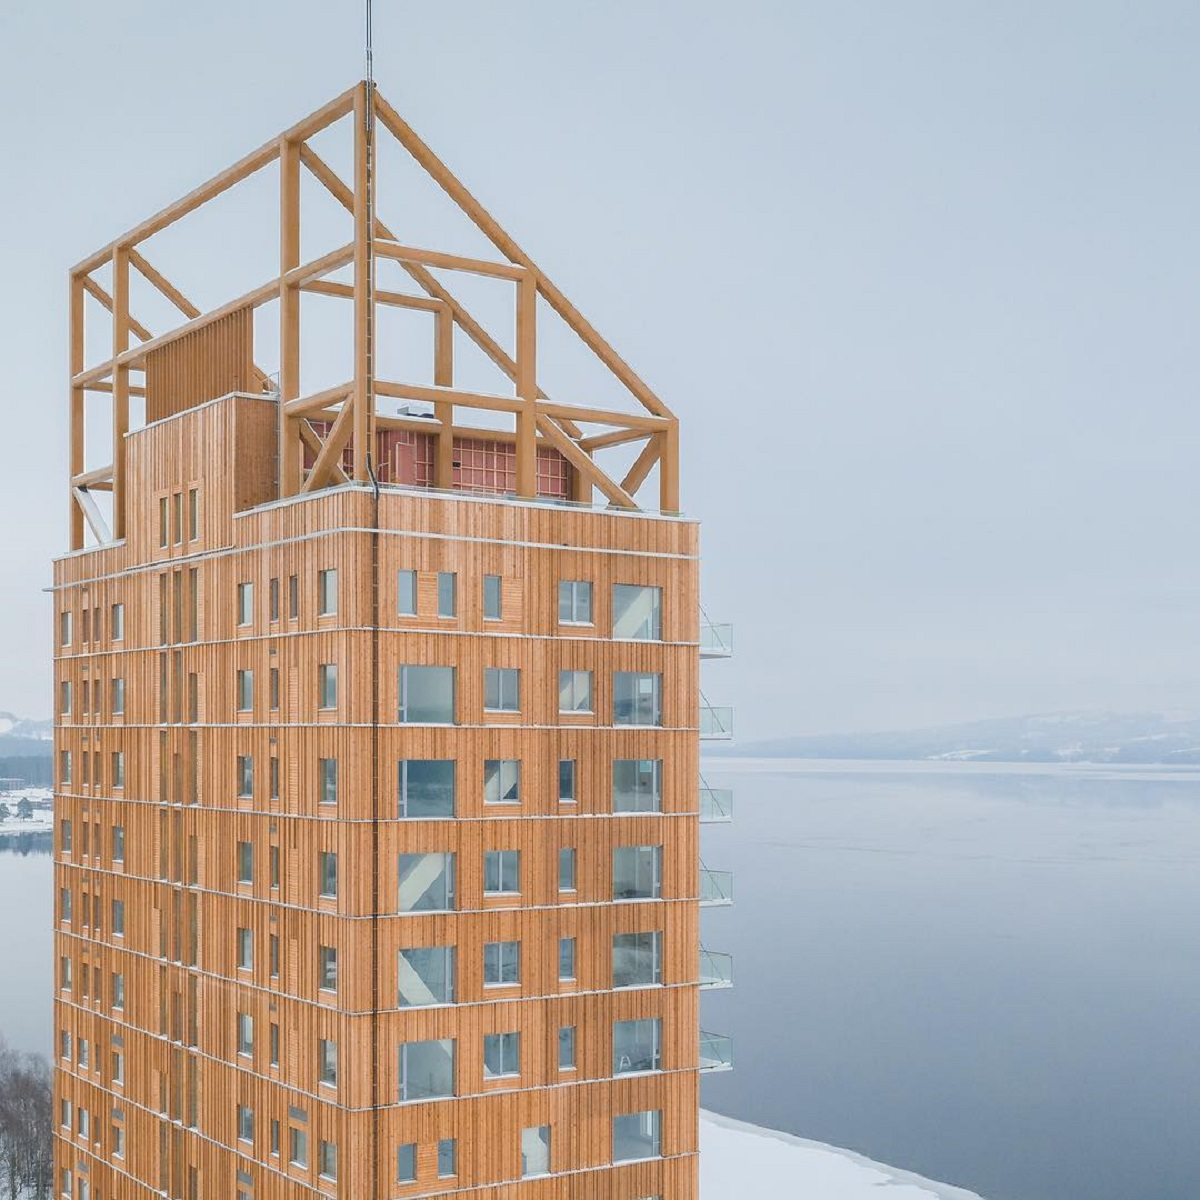 Norvegia grattacielo legno più alto del mondo